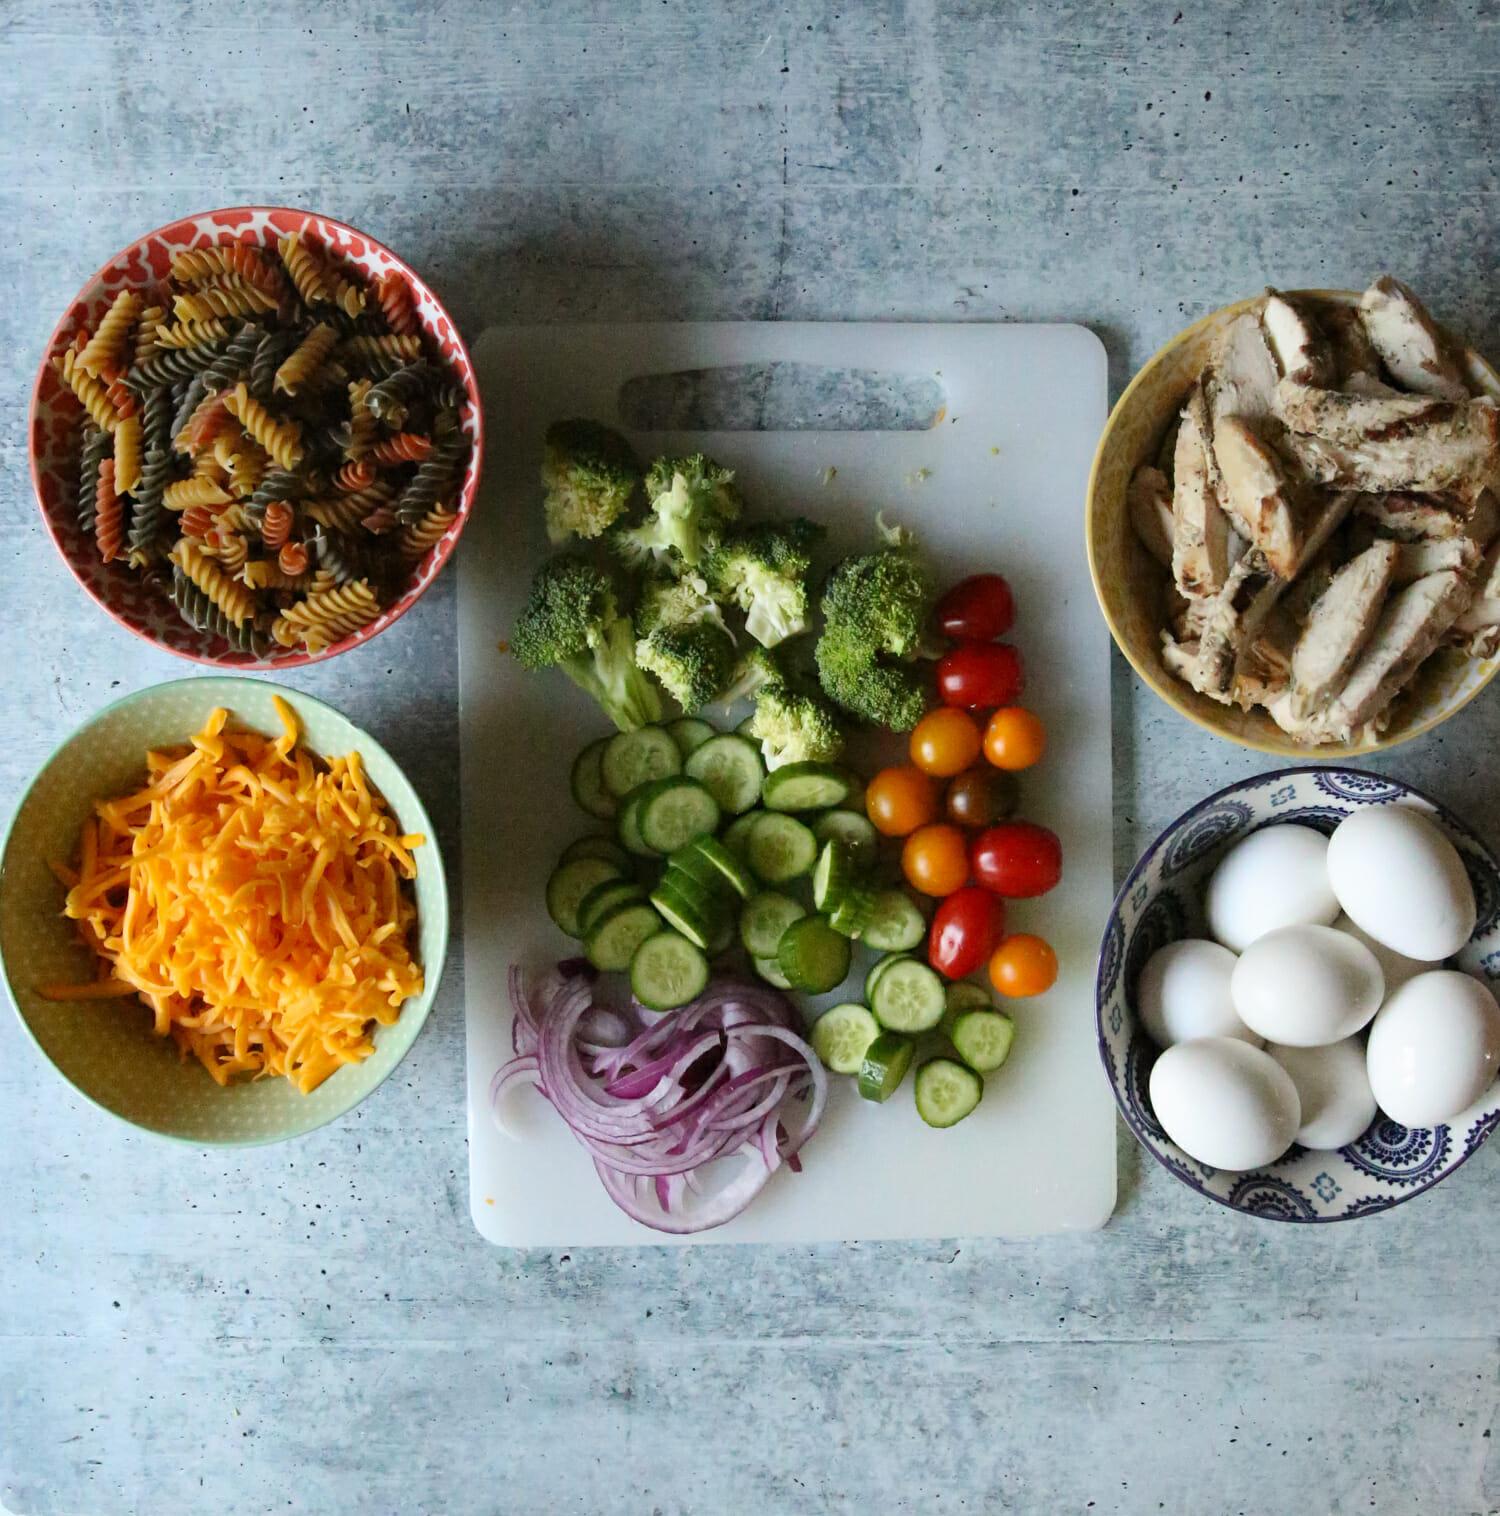 grilled chicken salad jar ingredients